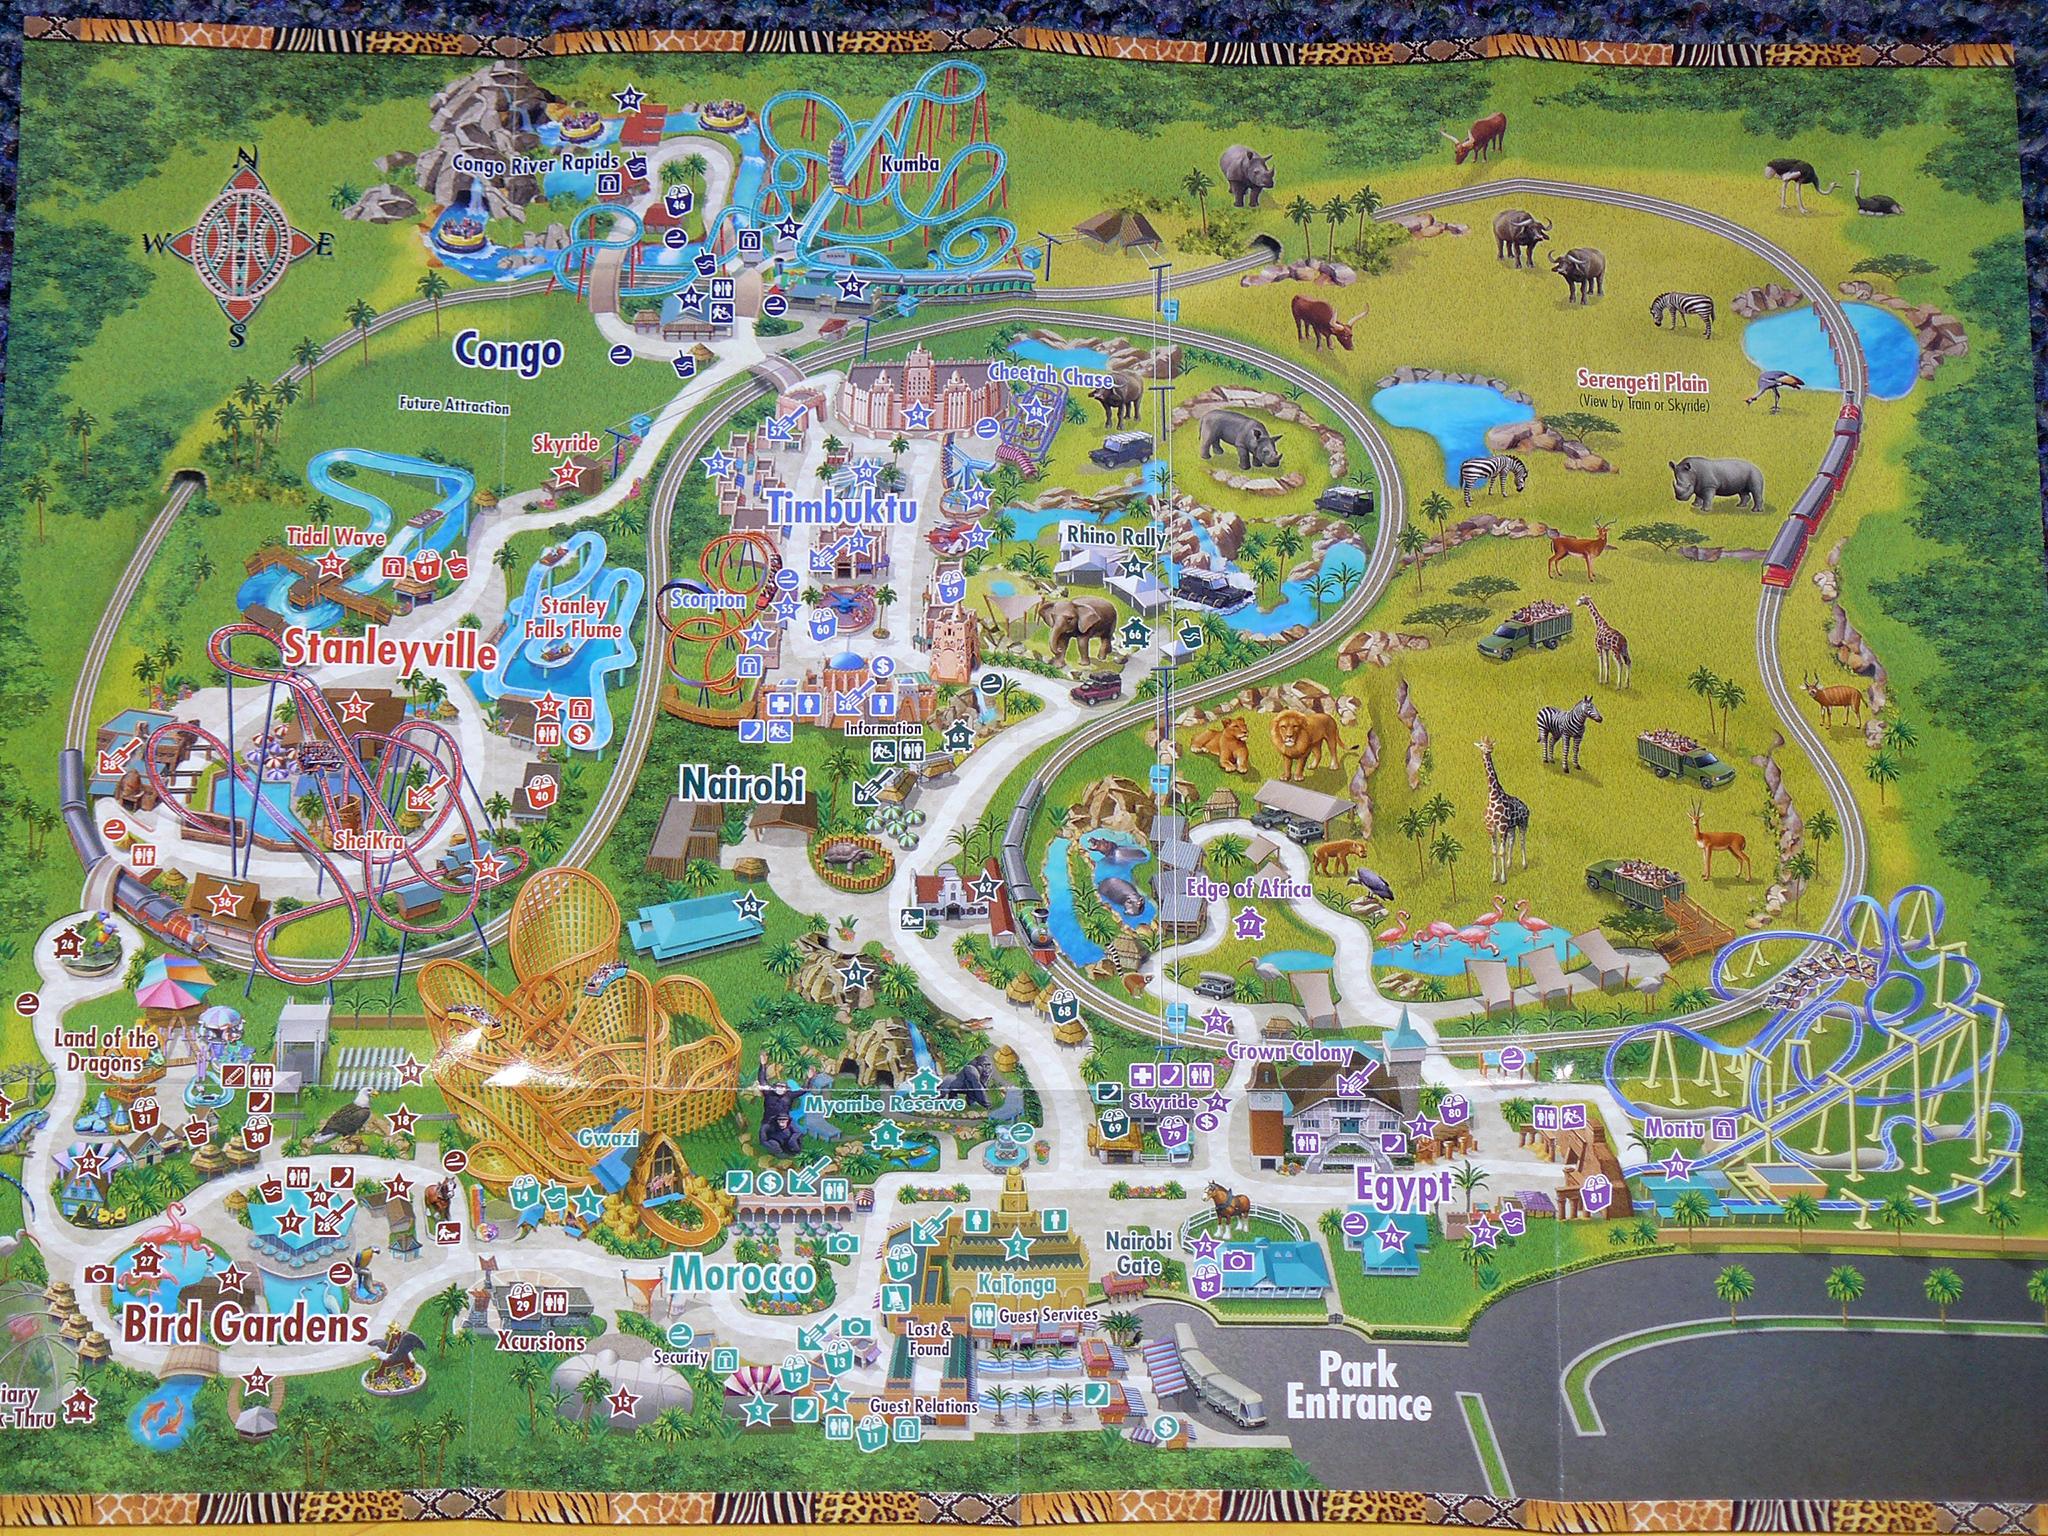 Busch Gardens Africa Map - 10001 N Mckinley Drive Tampa Fl 33612 - Bush Garden Florida Map